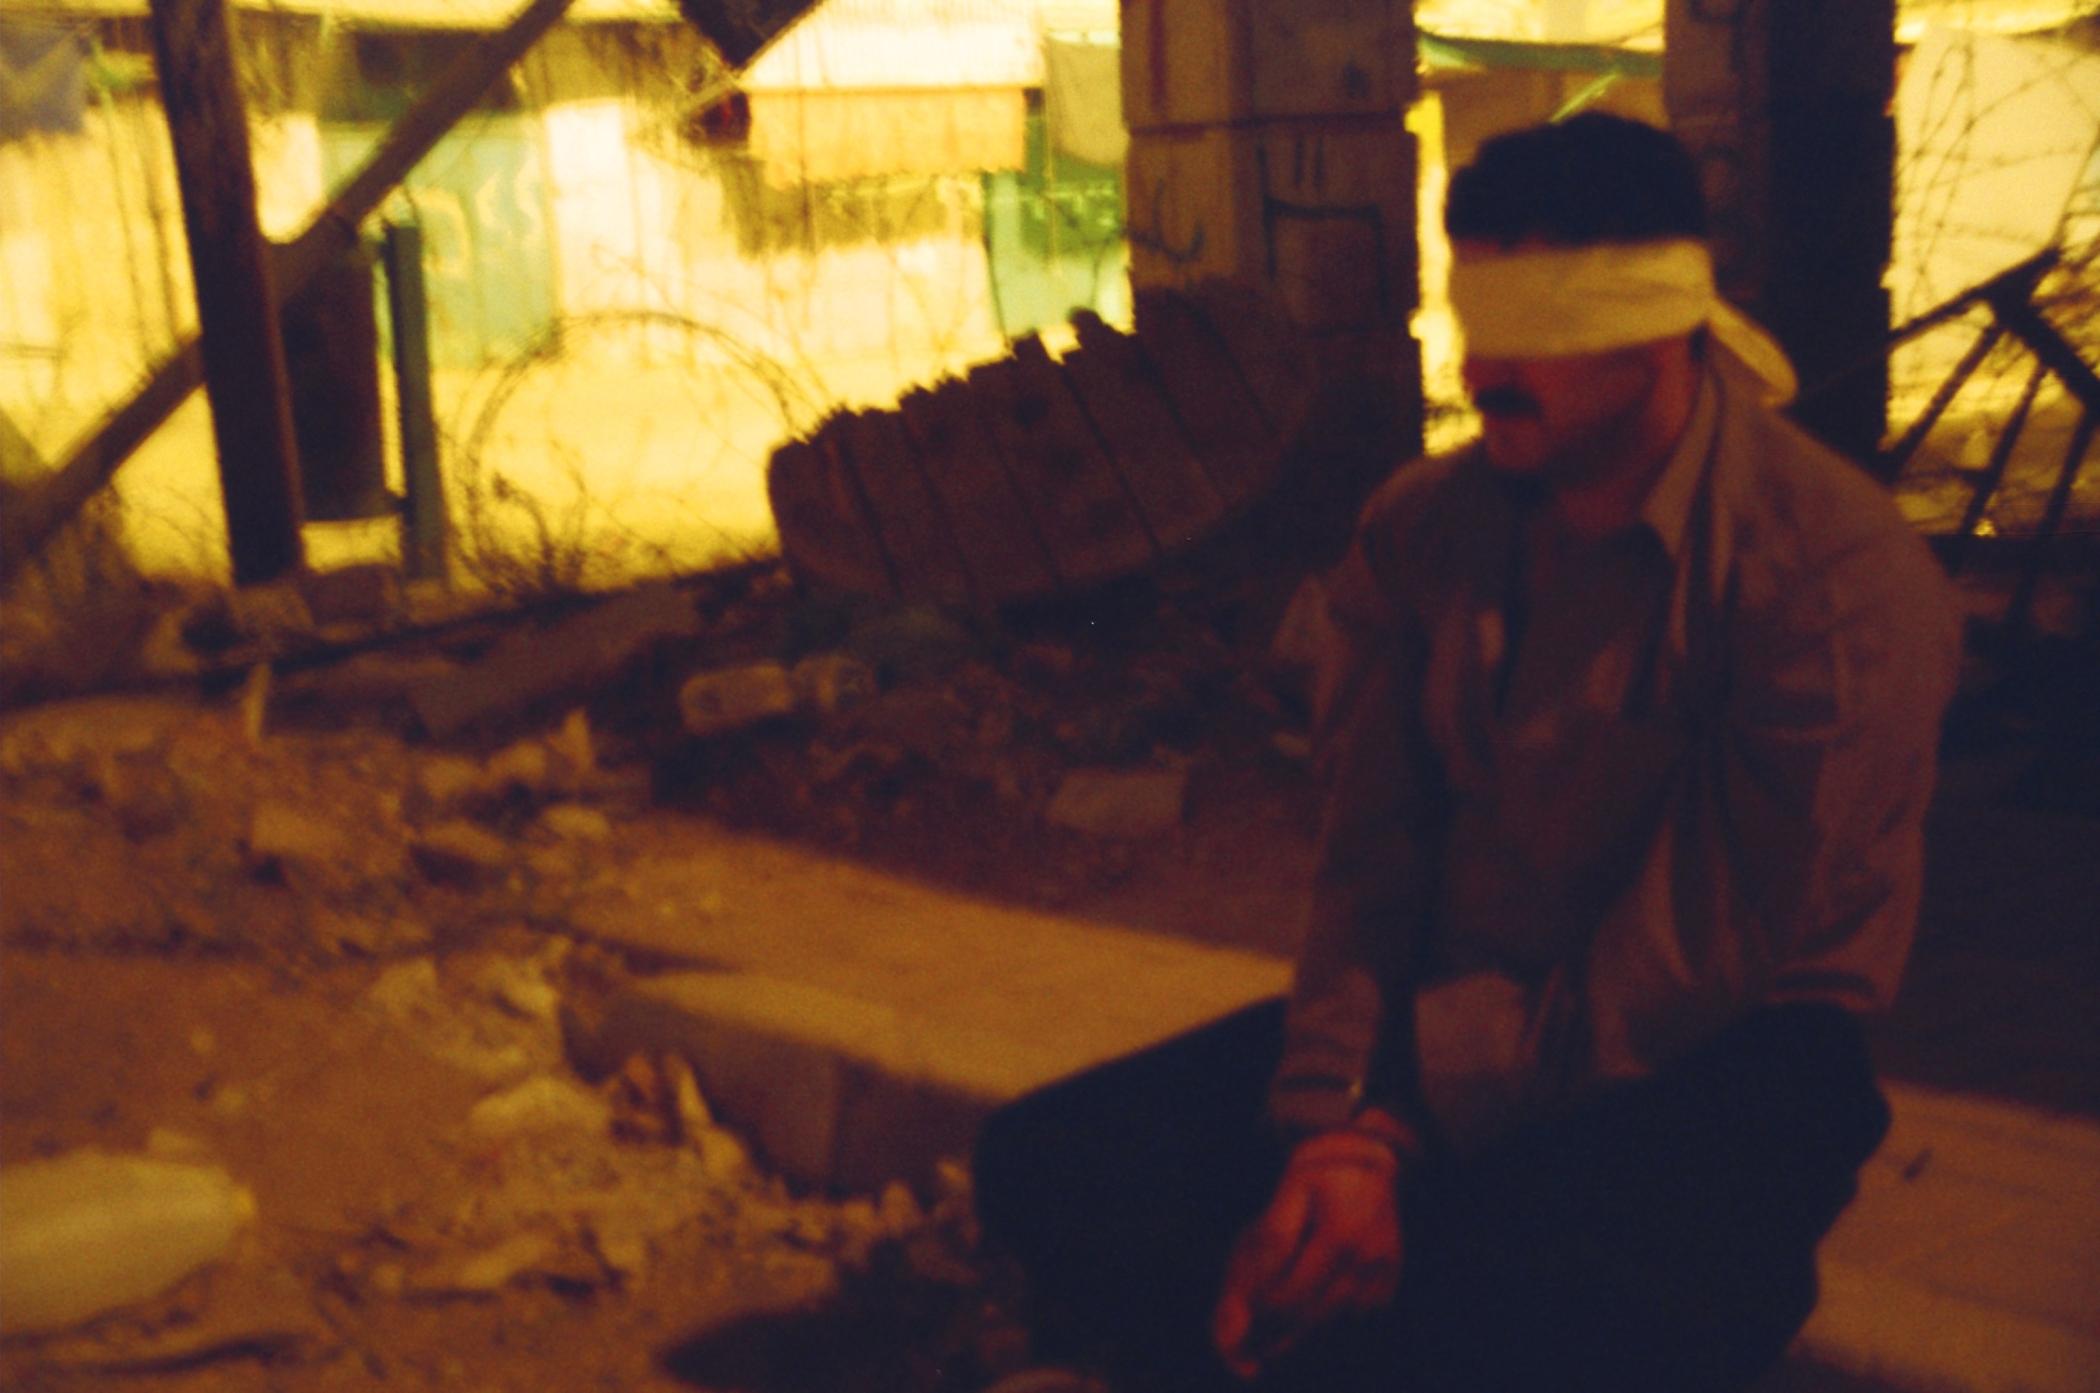 Jeńcy (fot. Jehuda Szaul)